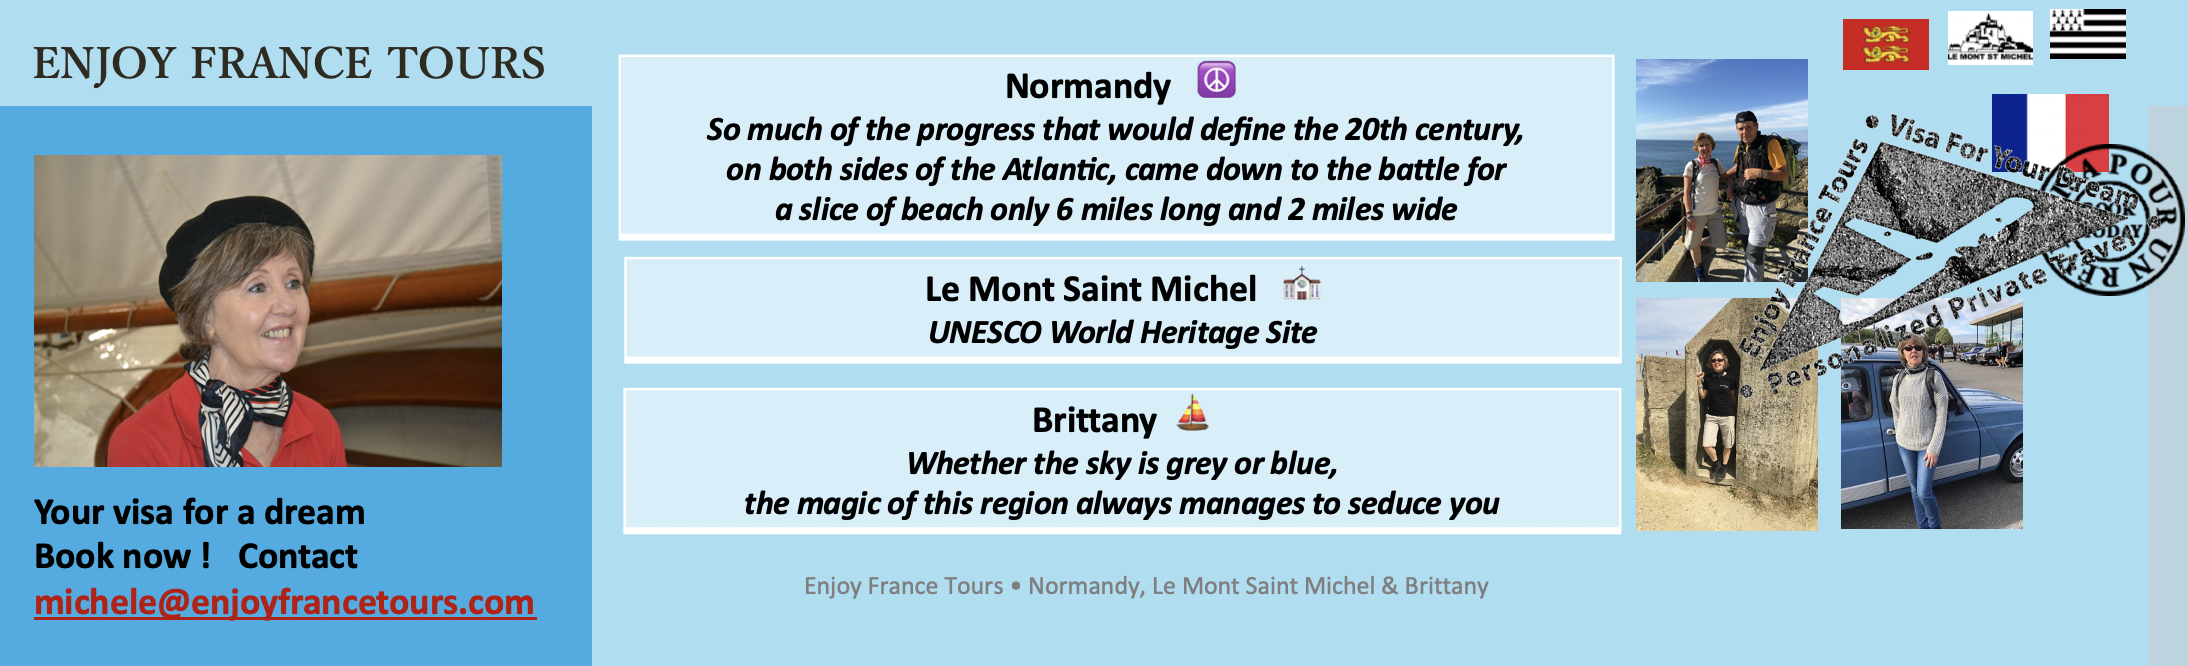 Enjoy France Tours NORMANDY Website Pg 4